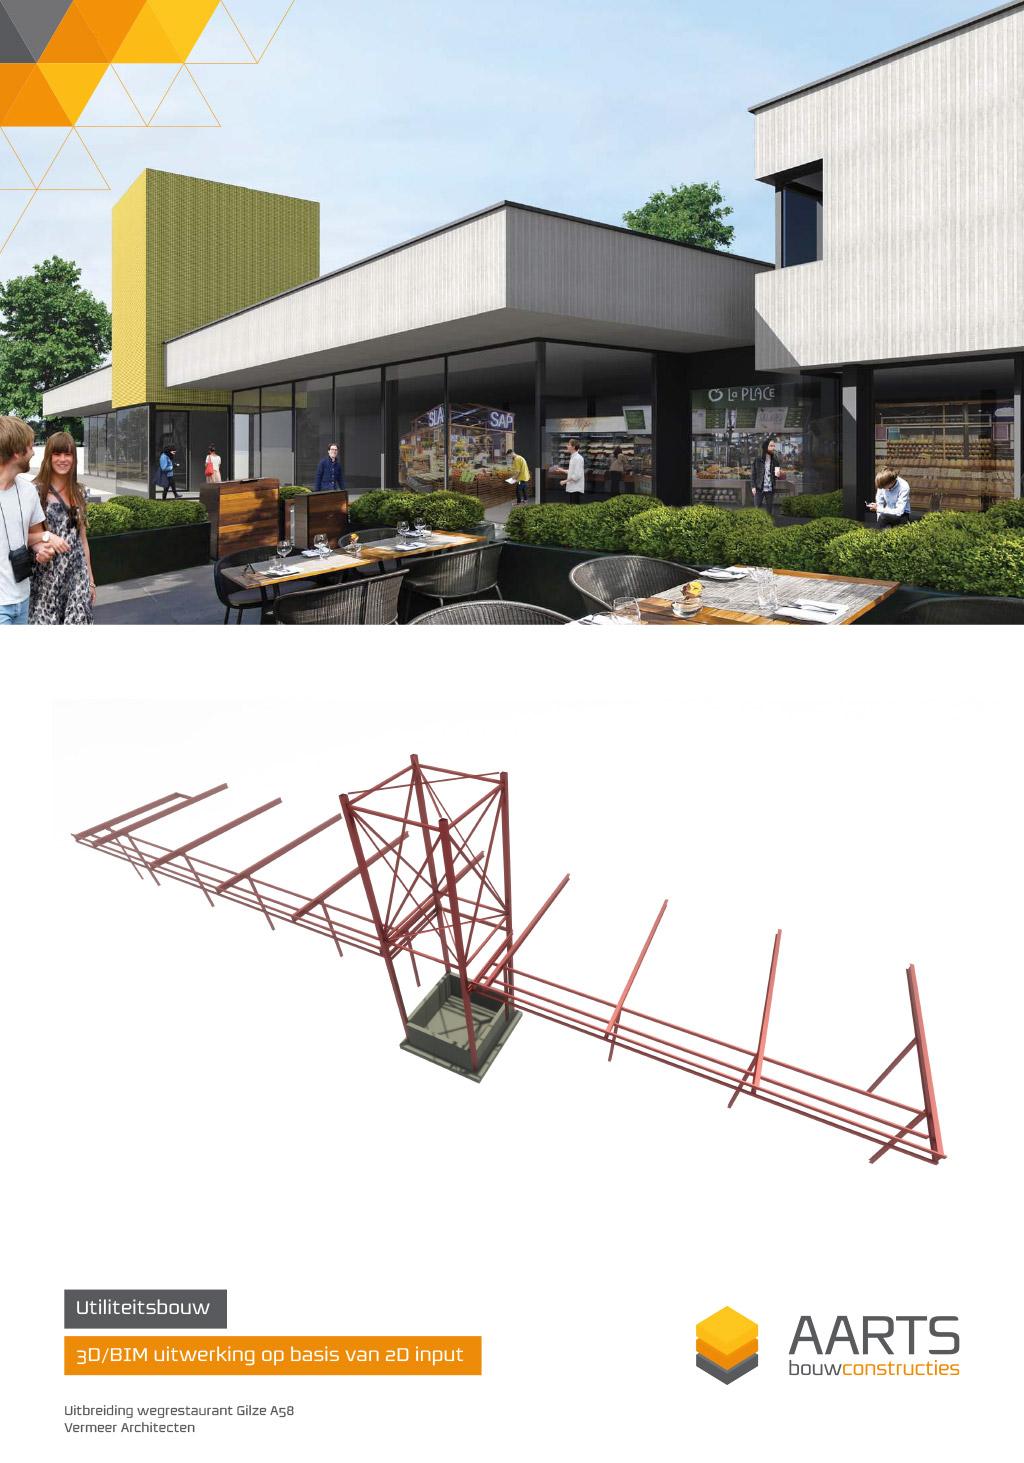 Wegrestaurant Gilze - 3D BIM uitwerking op basis van 2D input